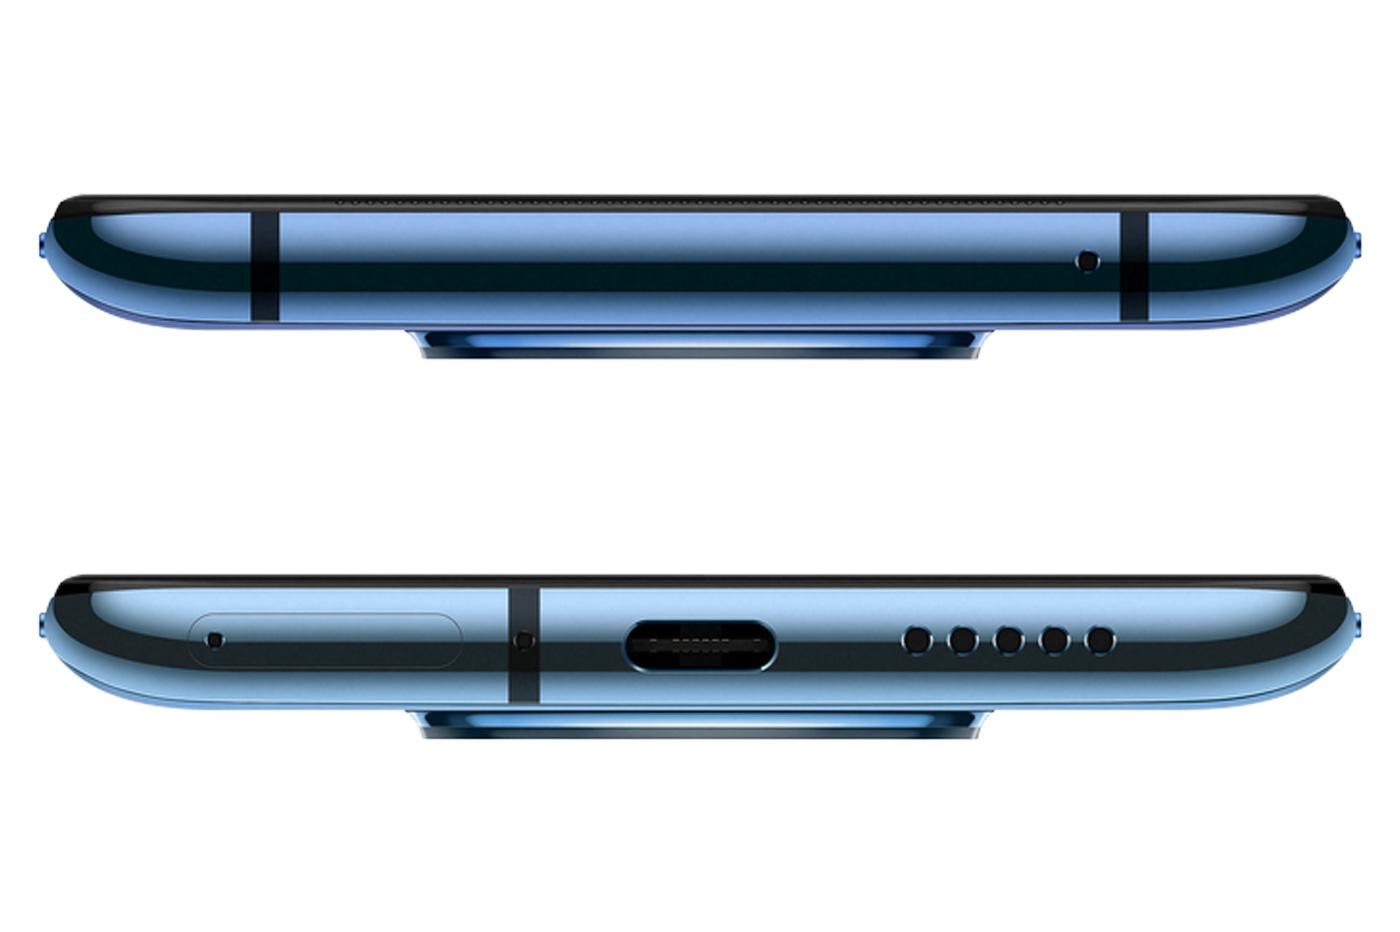 OnePlus 7T Design